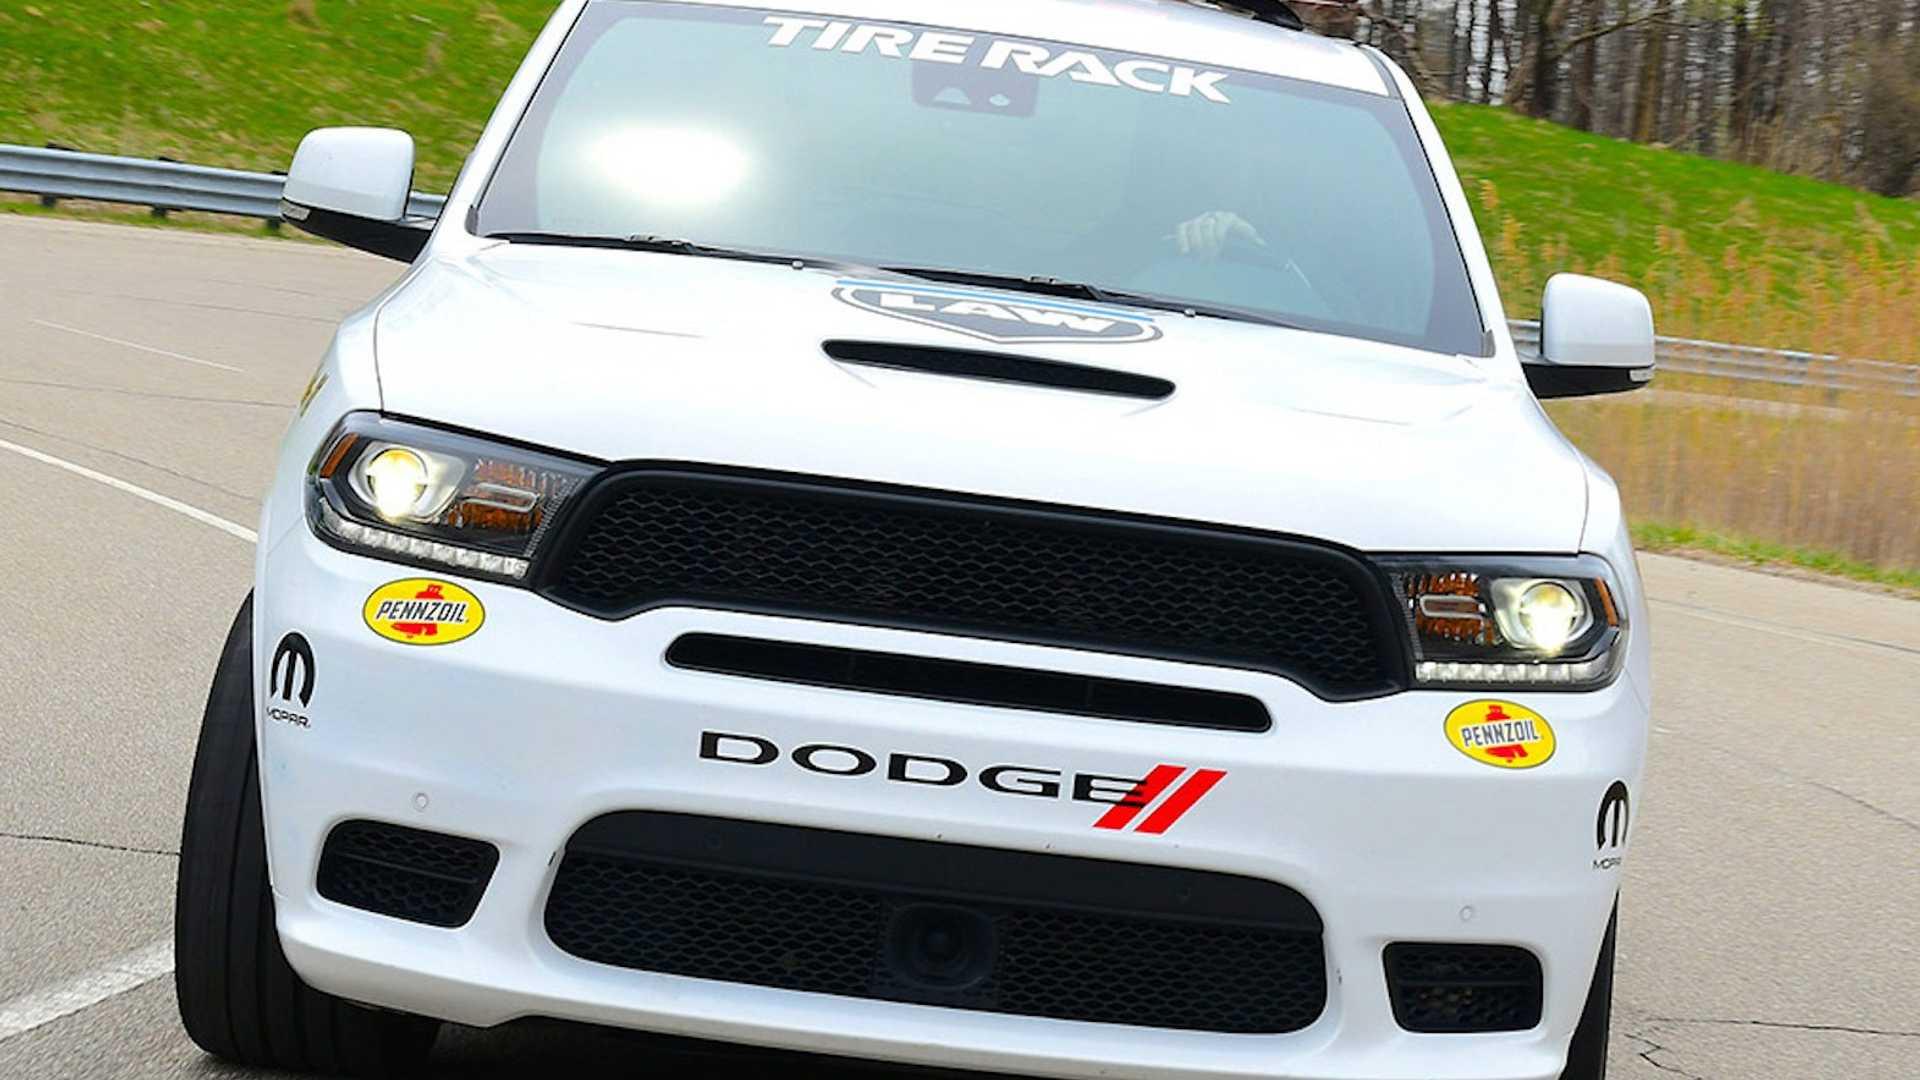 Dodge превратил Durango SRT в 797-сильный внедорожник Pursuit Speed Trap 1